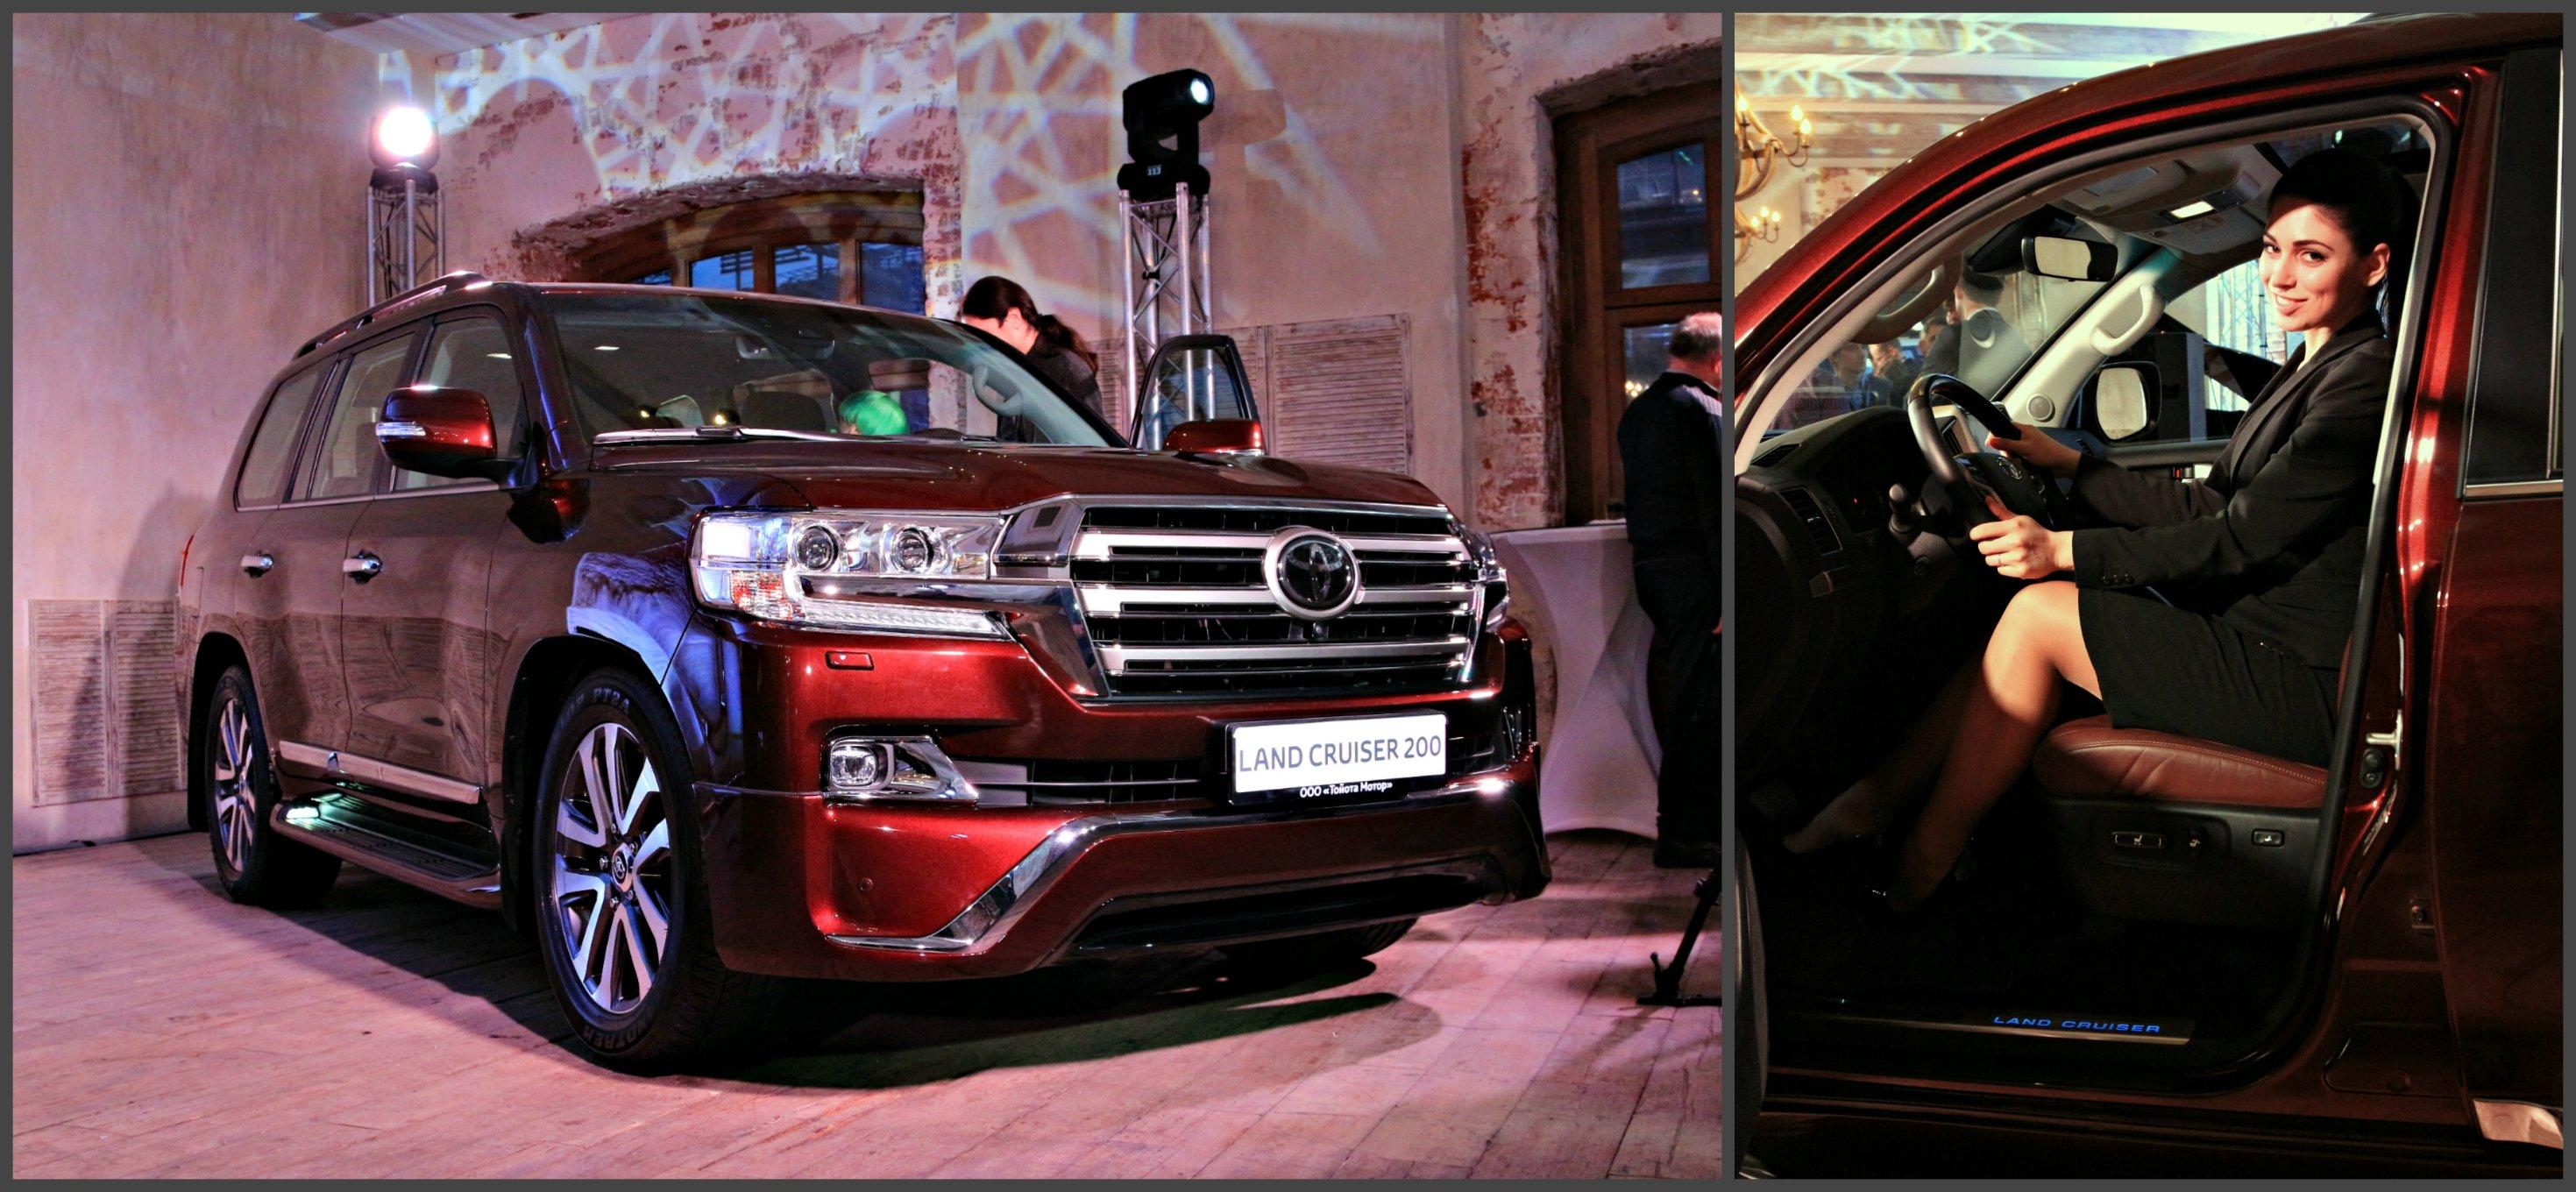 Toyota Land Cruiser 200 Executive: гидропневматика, большие колеса и обвес